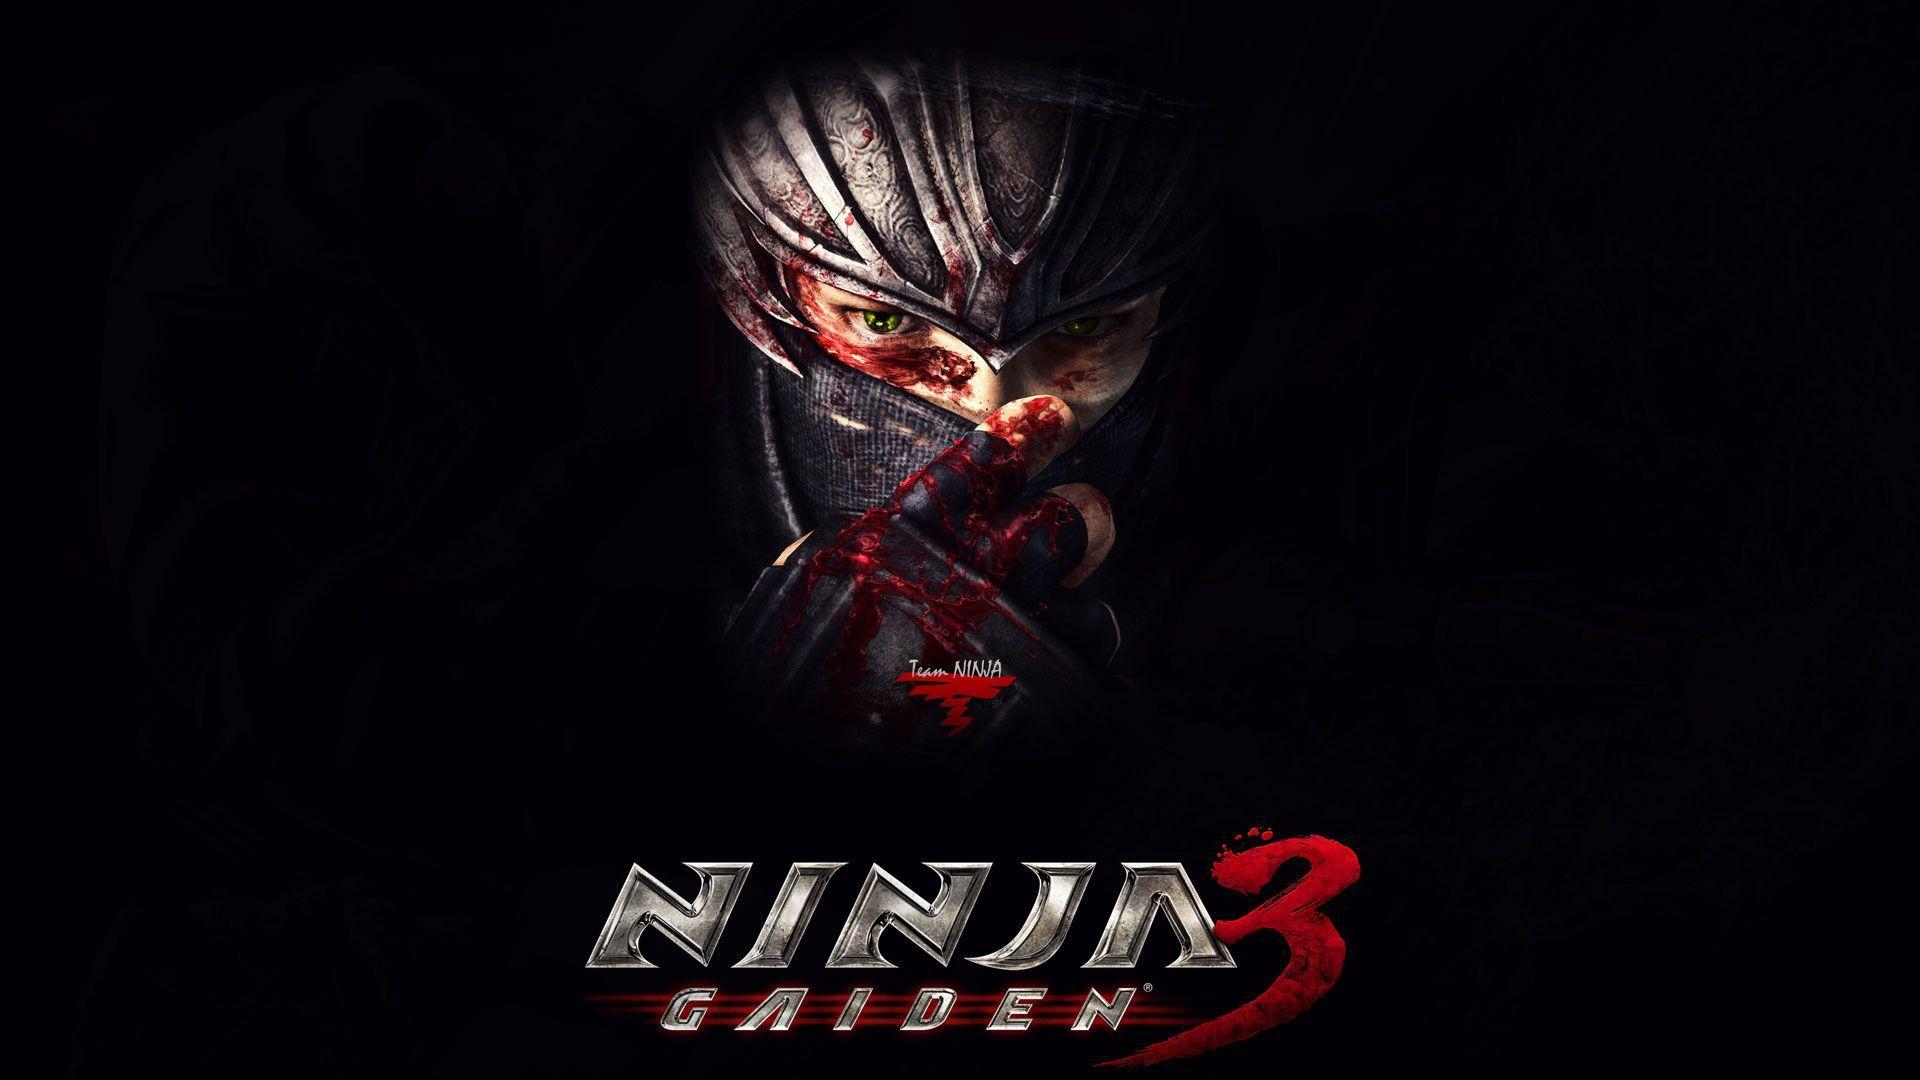 Game Ninja Gaiden Wallpaper: Ninja Gaiden Black Wallpapers